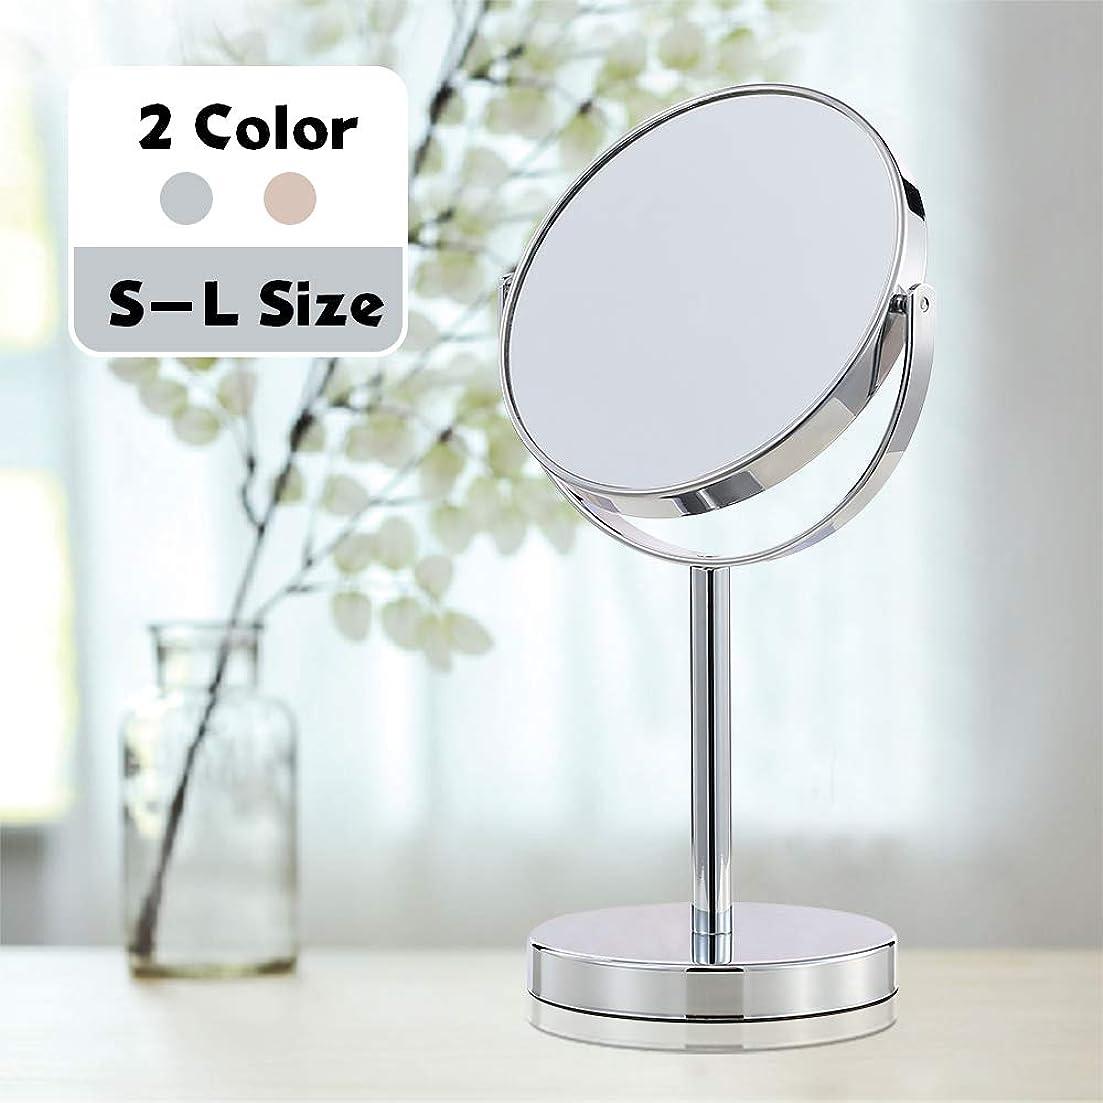 合わせて蛇行どこか(セーディコ) Cerdeco シンプルデザイン 真実の両面鏡DX 5倍拡大鏡 360度回転 卓上鏡 スタンドミラー メイク 化粧道具 鏡面148mmΦ J622